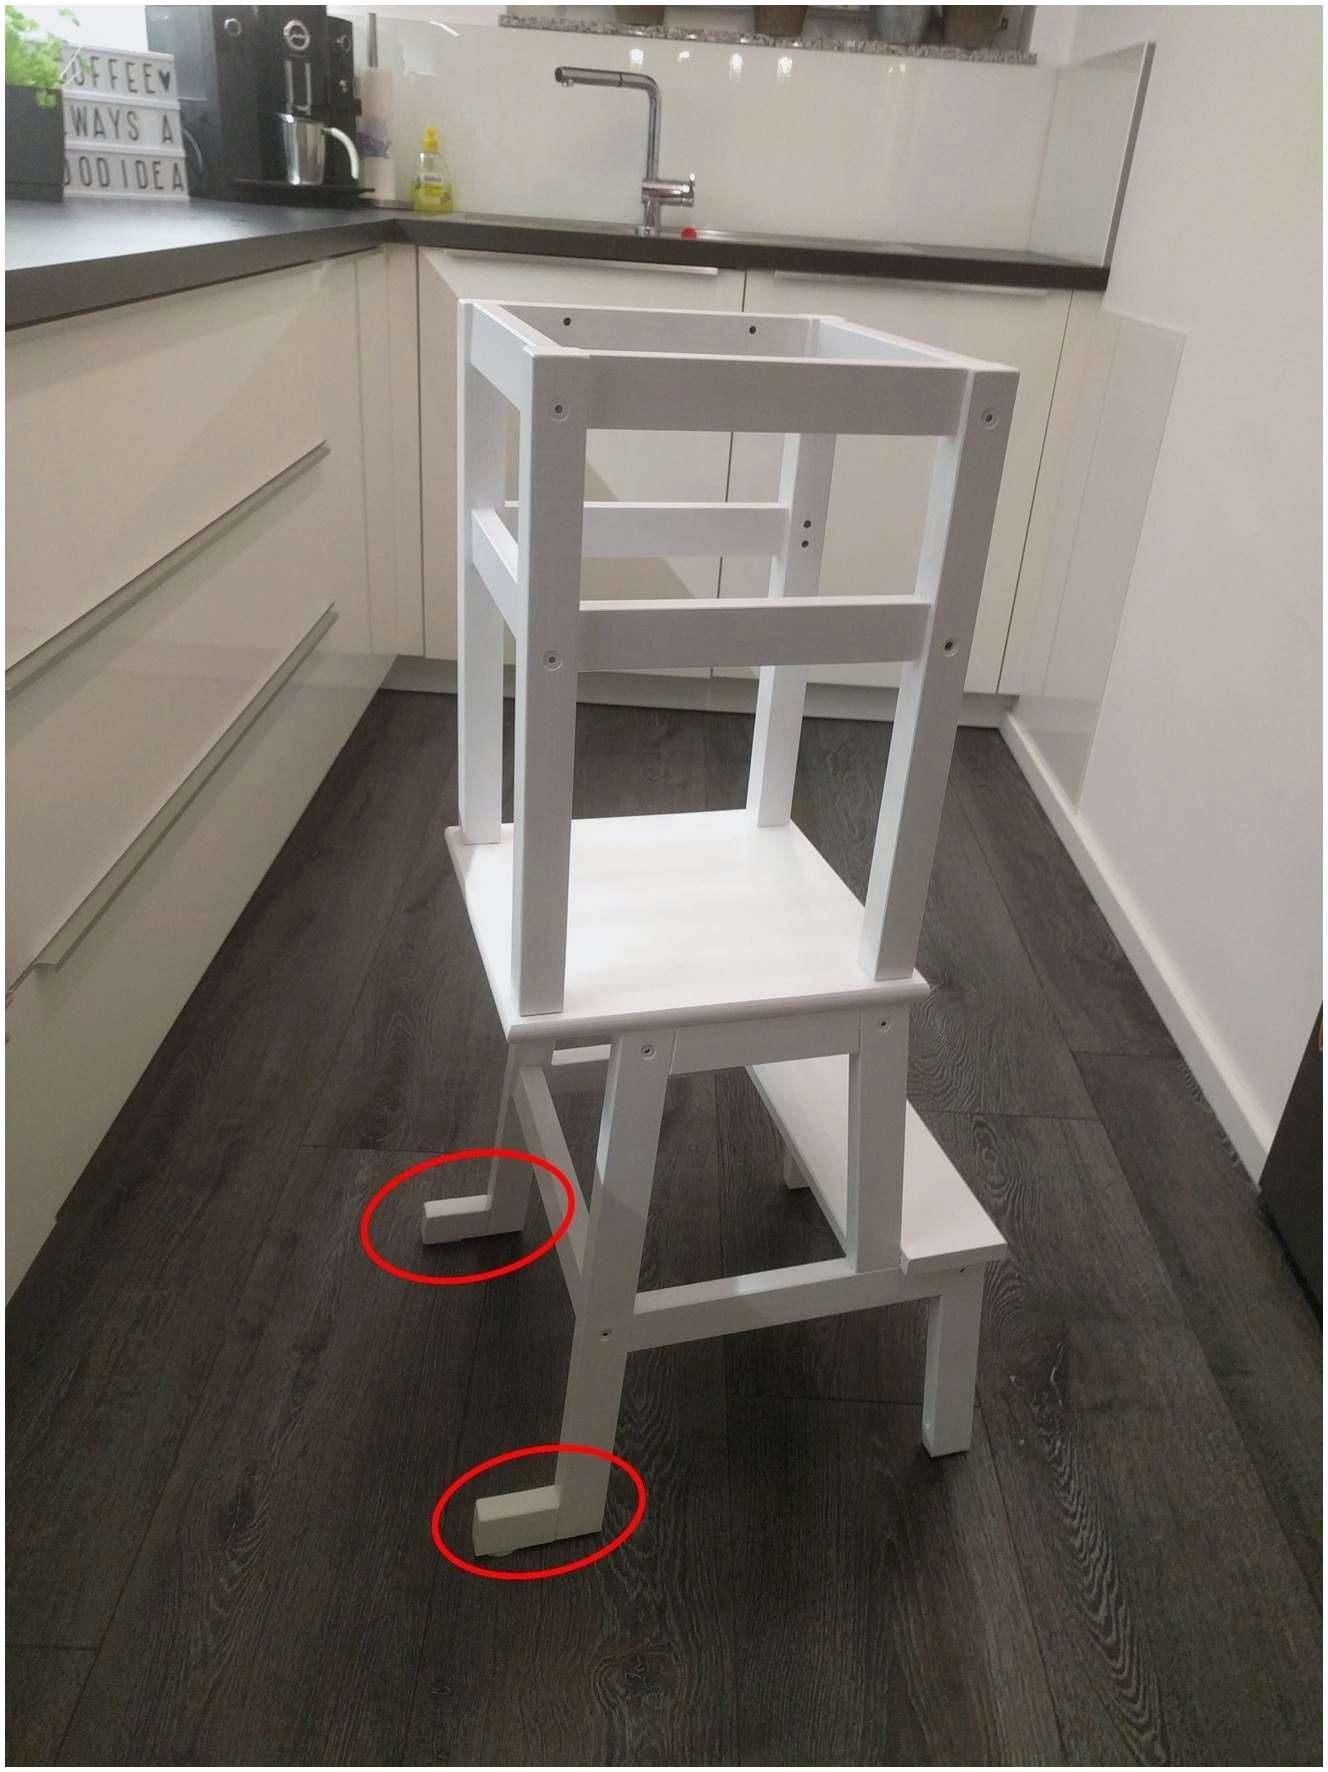 43 Nouveau Tete De Lit Ikea Brimnes Des Images